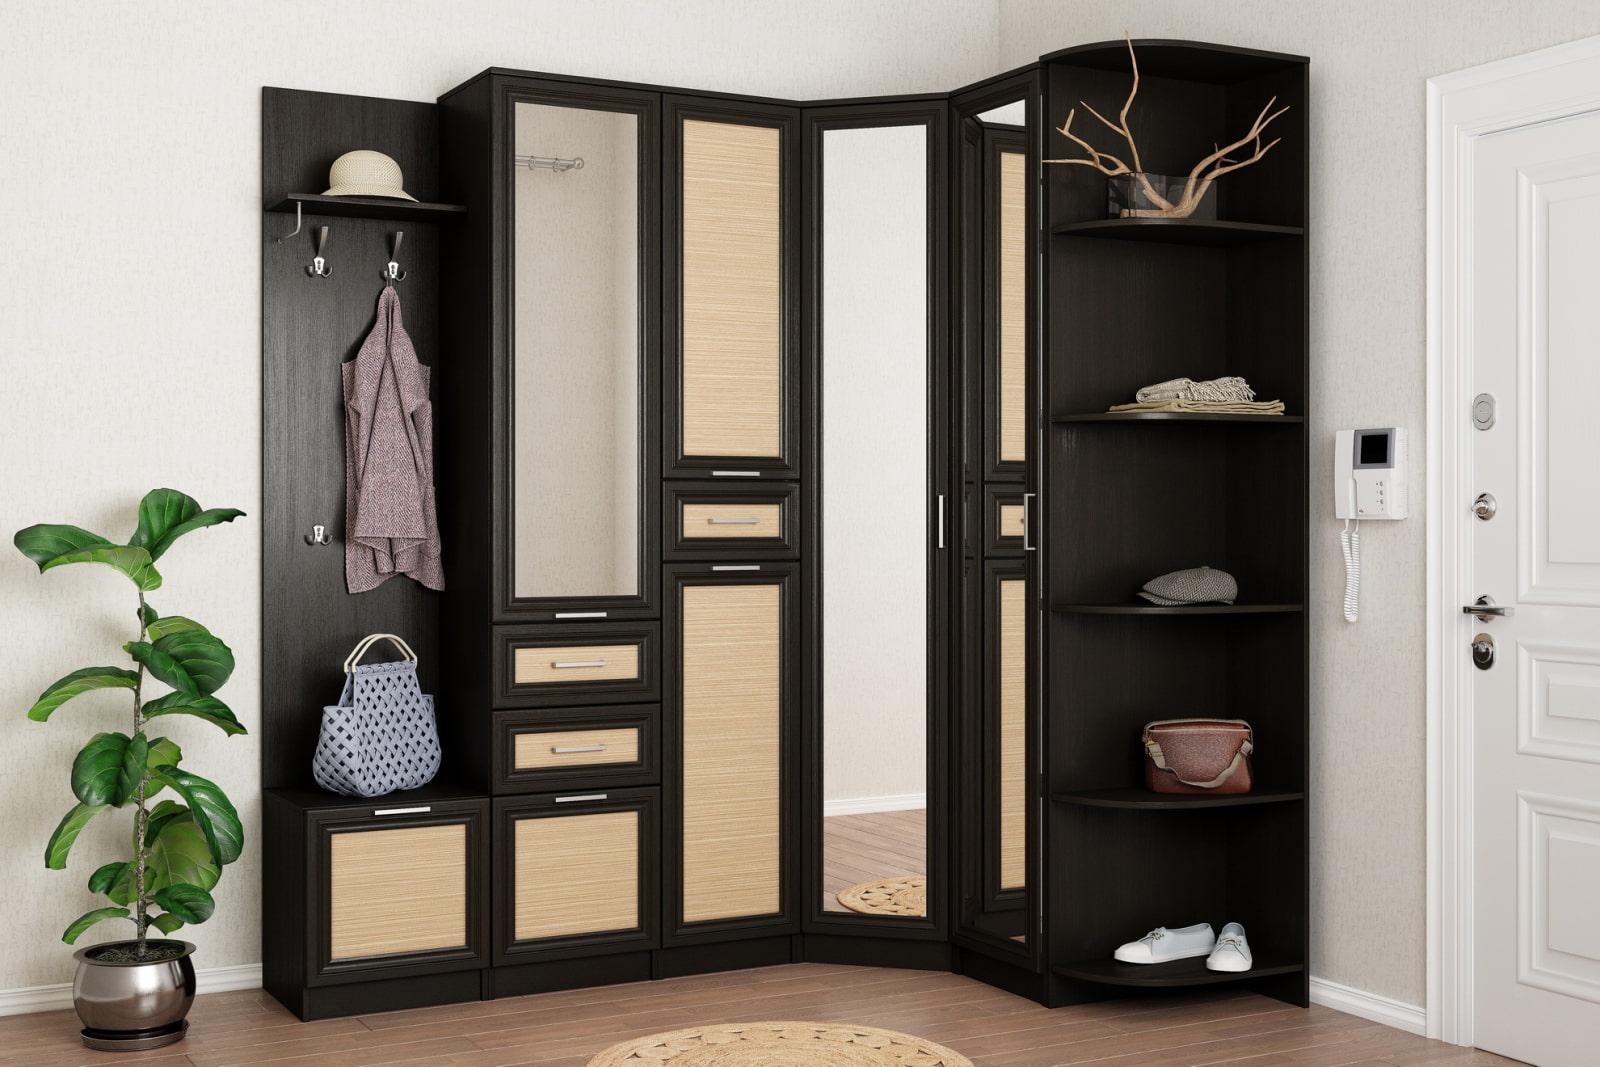 Дизайн встроенных шкафов купе в гостиную фото глобус-бар